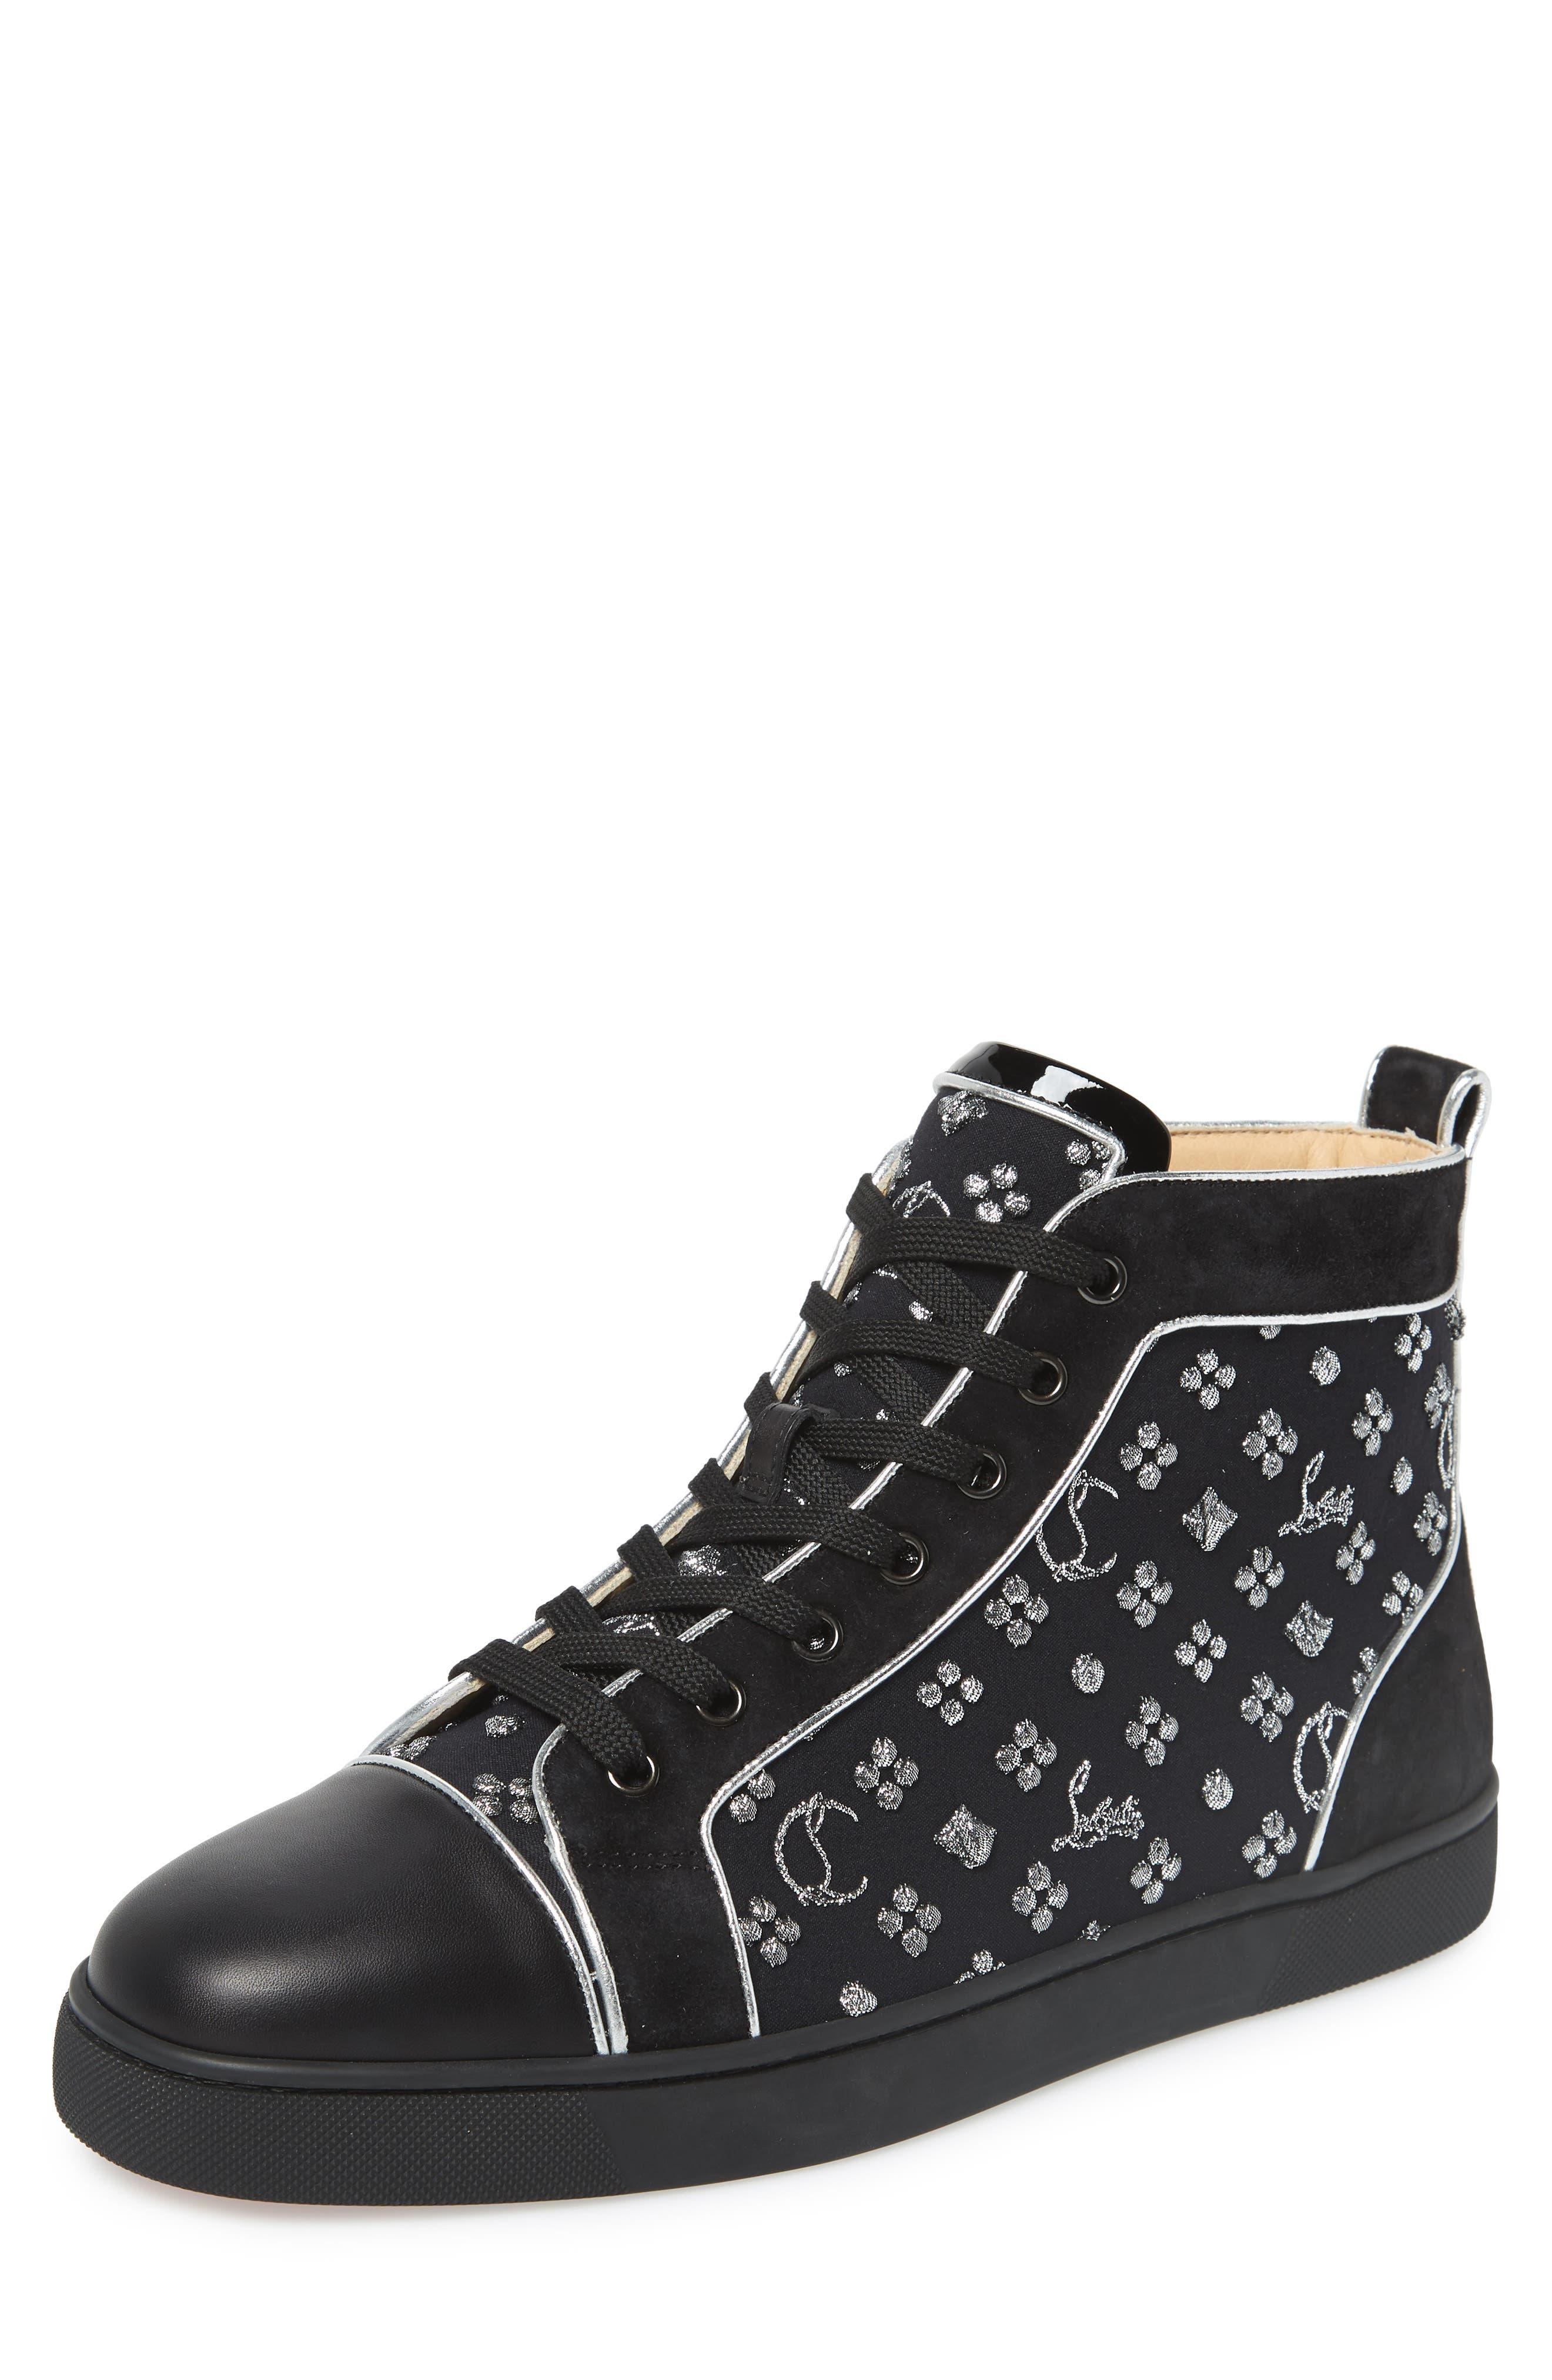 Louis Orlato High Top Sneaker, Main, color, BLACK/SILVER